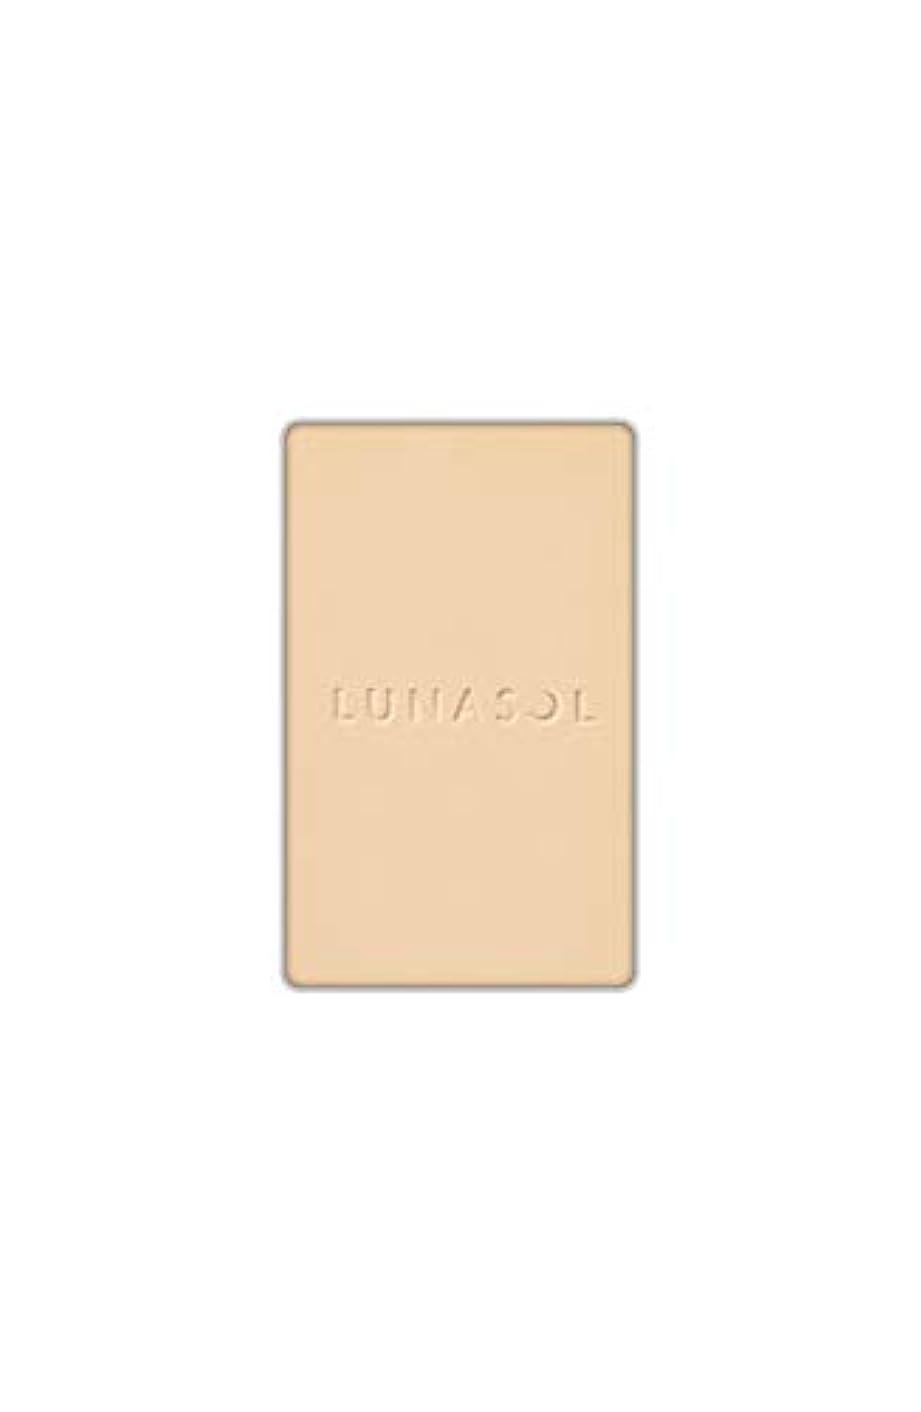 読書をするヘッジ曲線LS Gヴェールフィニッシュ(パウダー)01